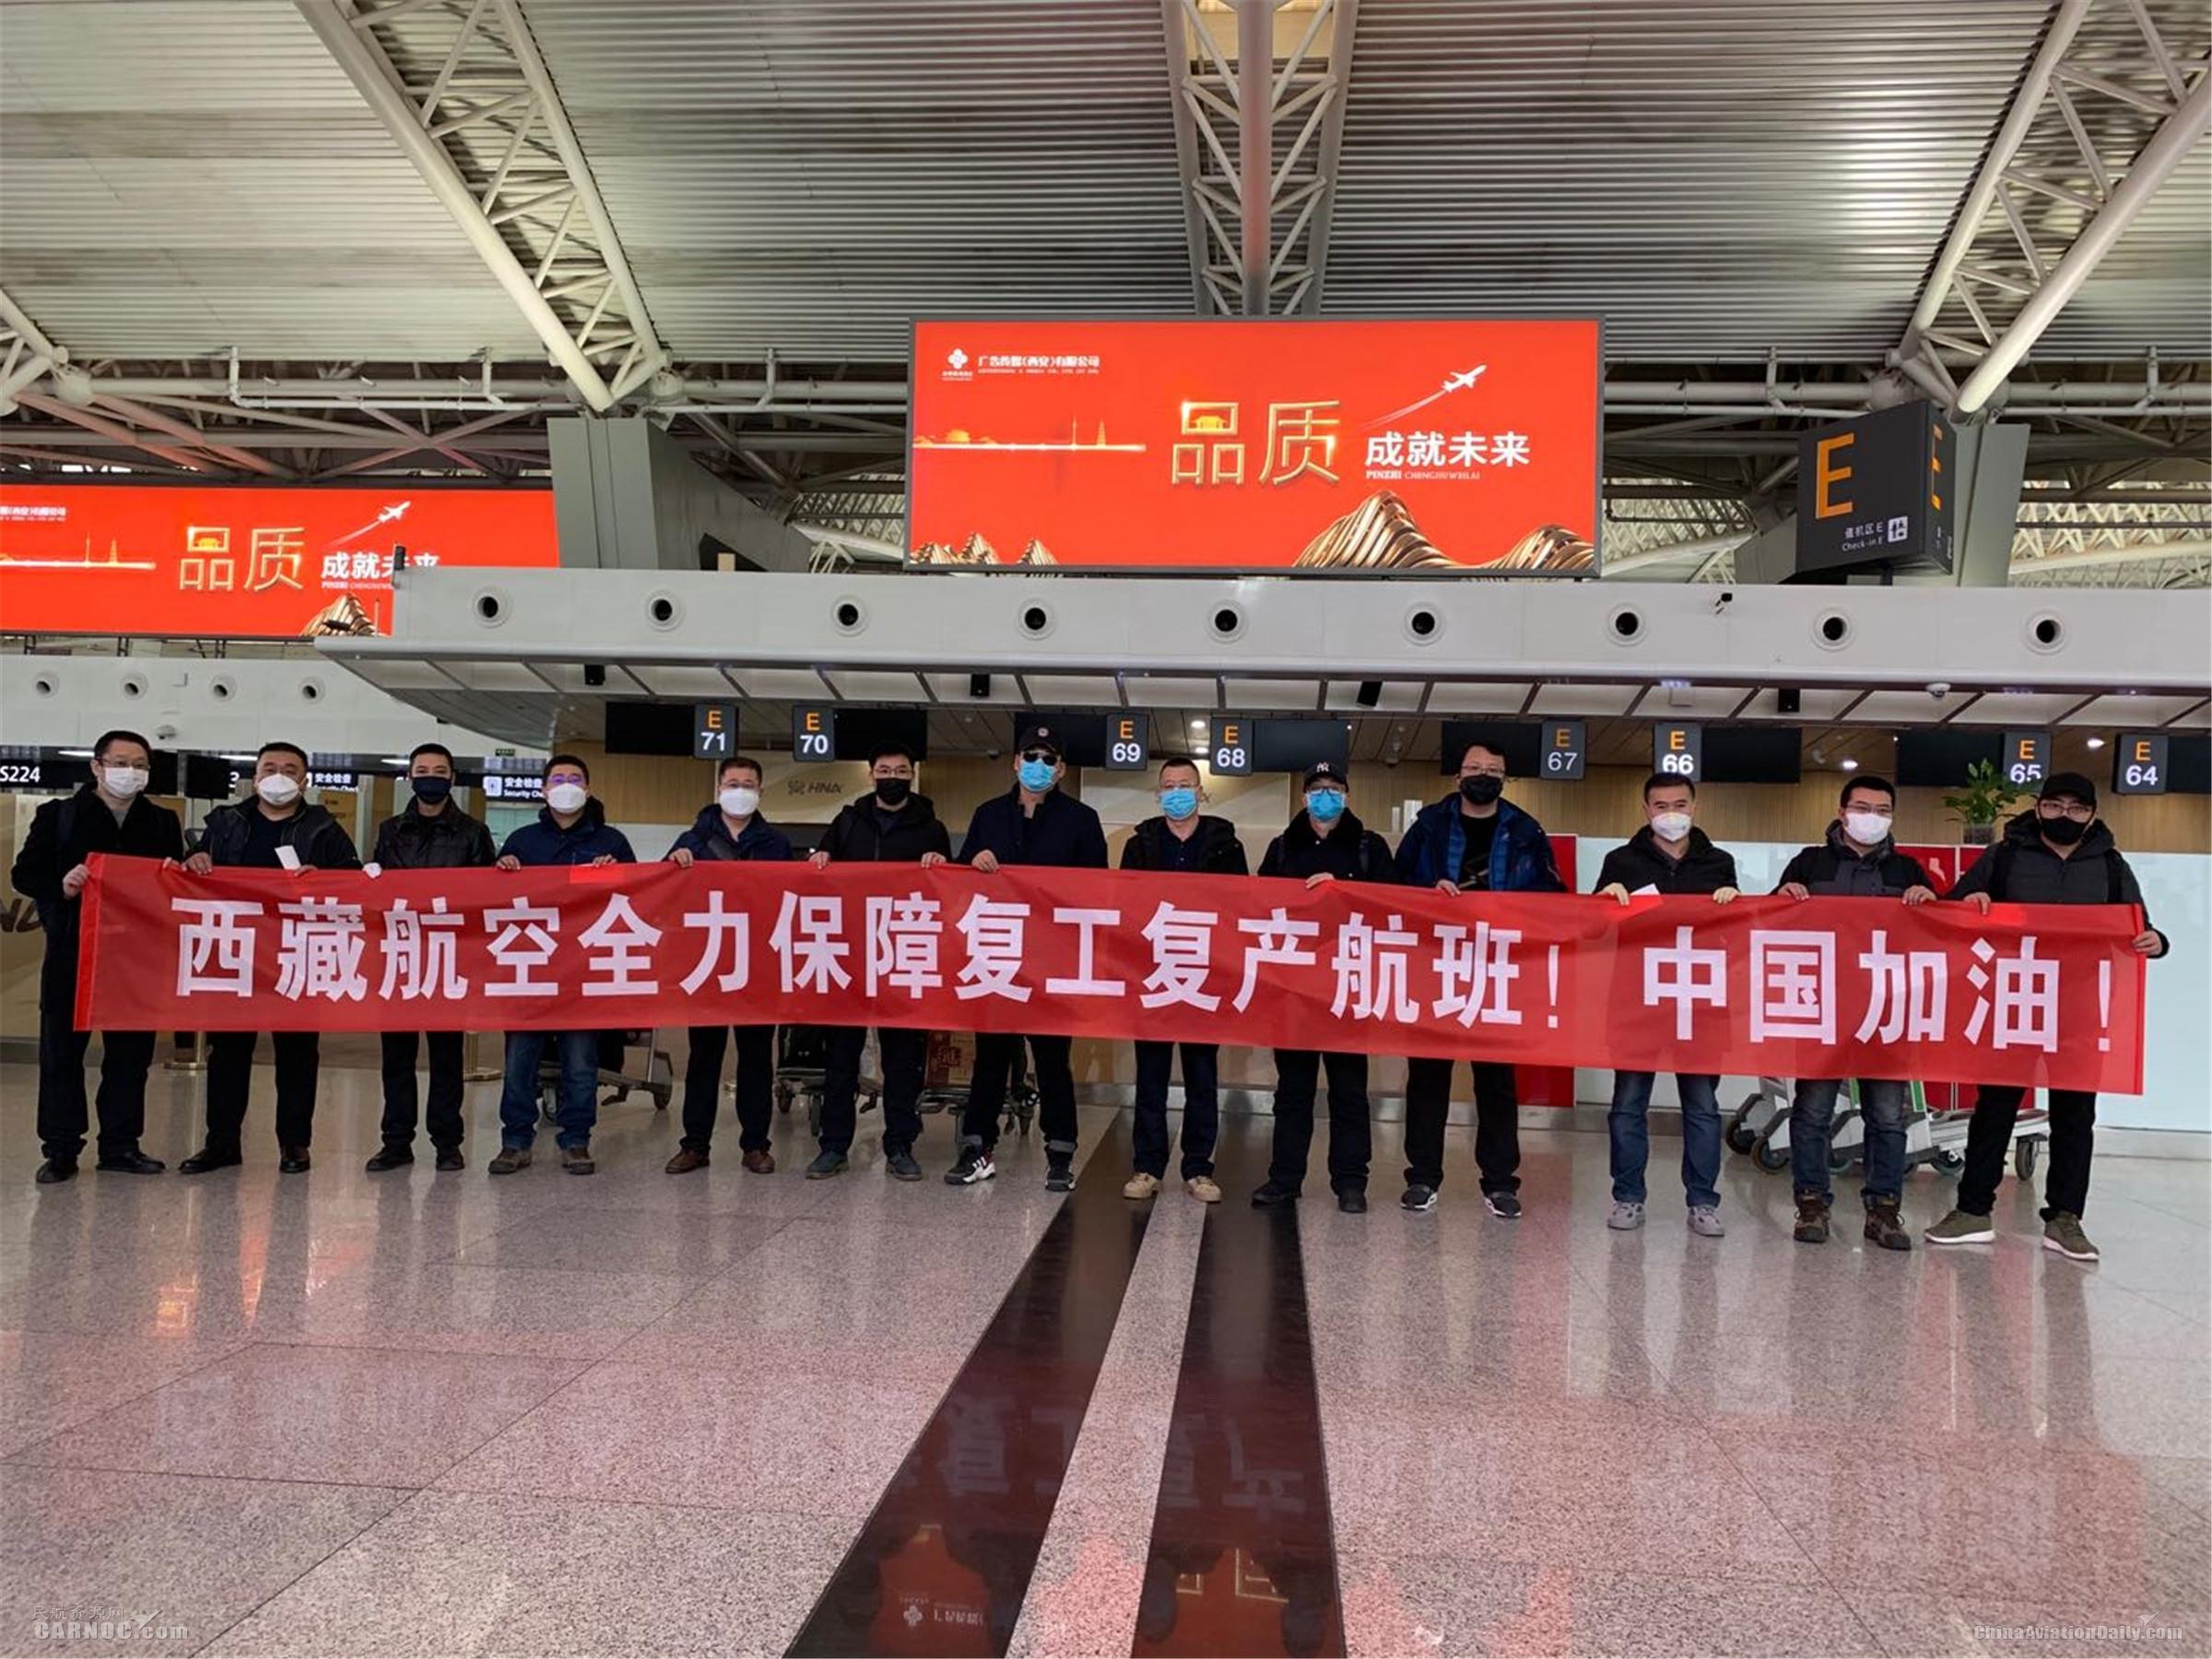 """持续助力复工复产,西藏航空复工包机航班飞向""""世界屋脊"""""""